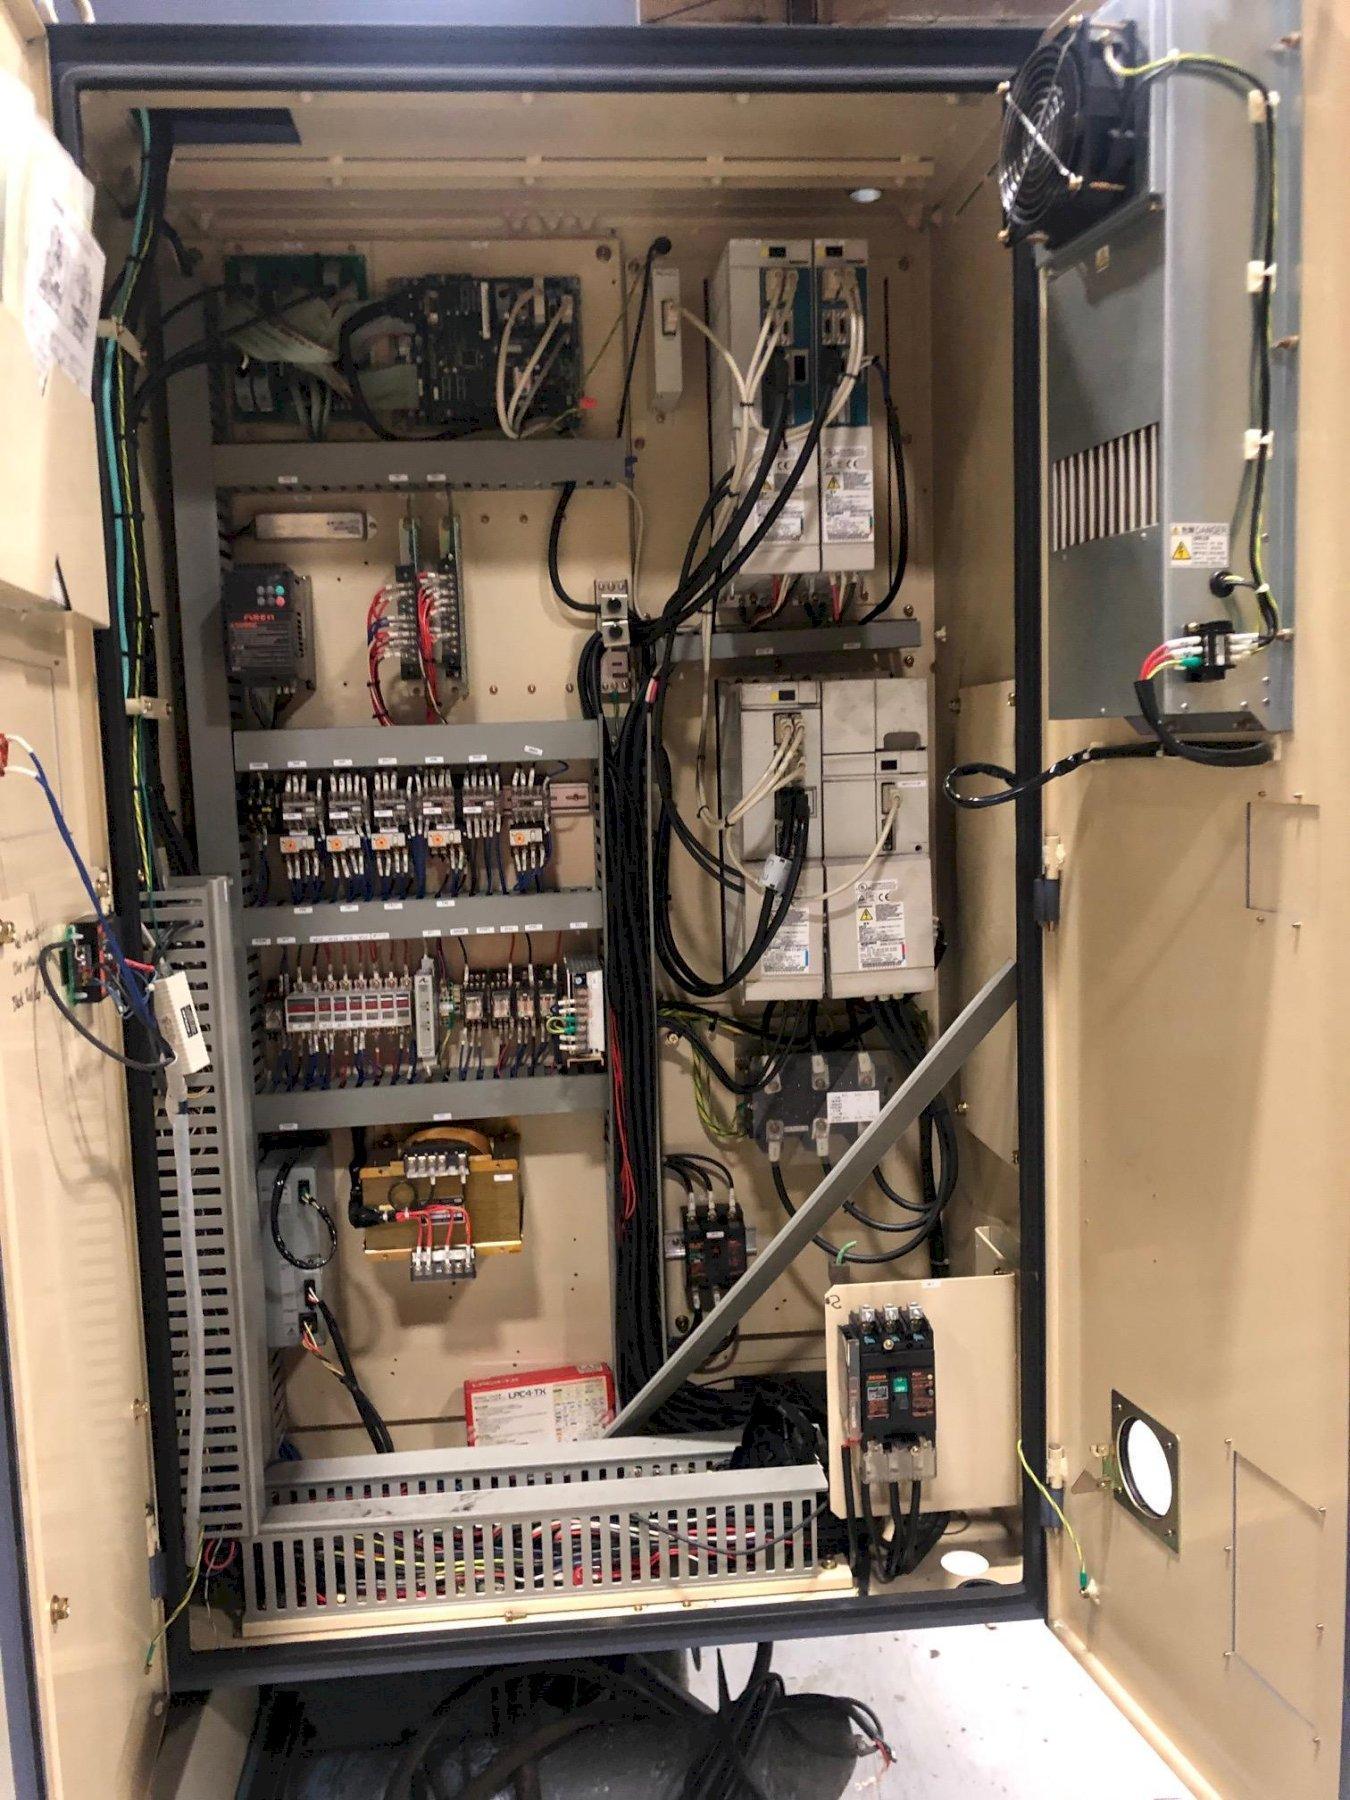 OKK VM5 II CNC Vertical Machining Center (2003)